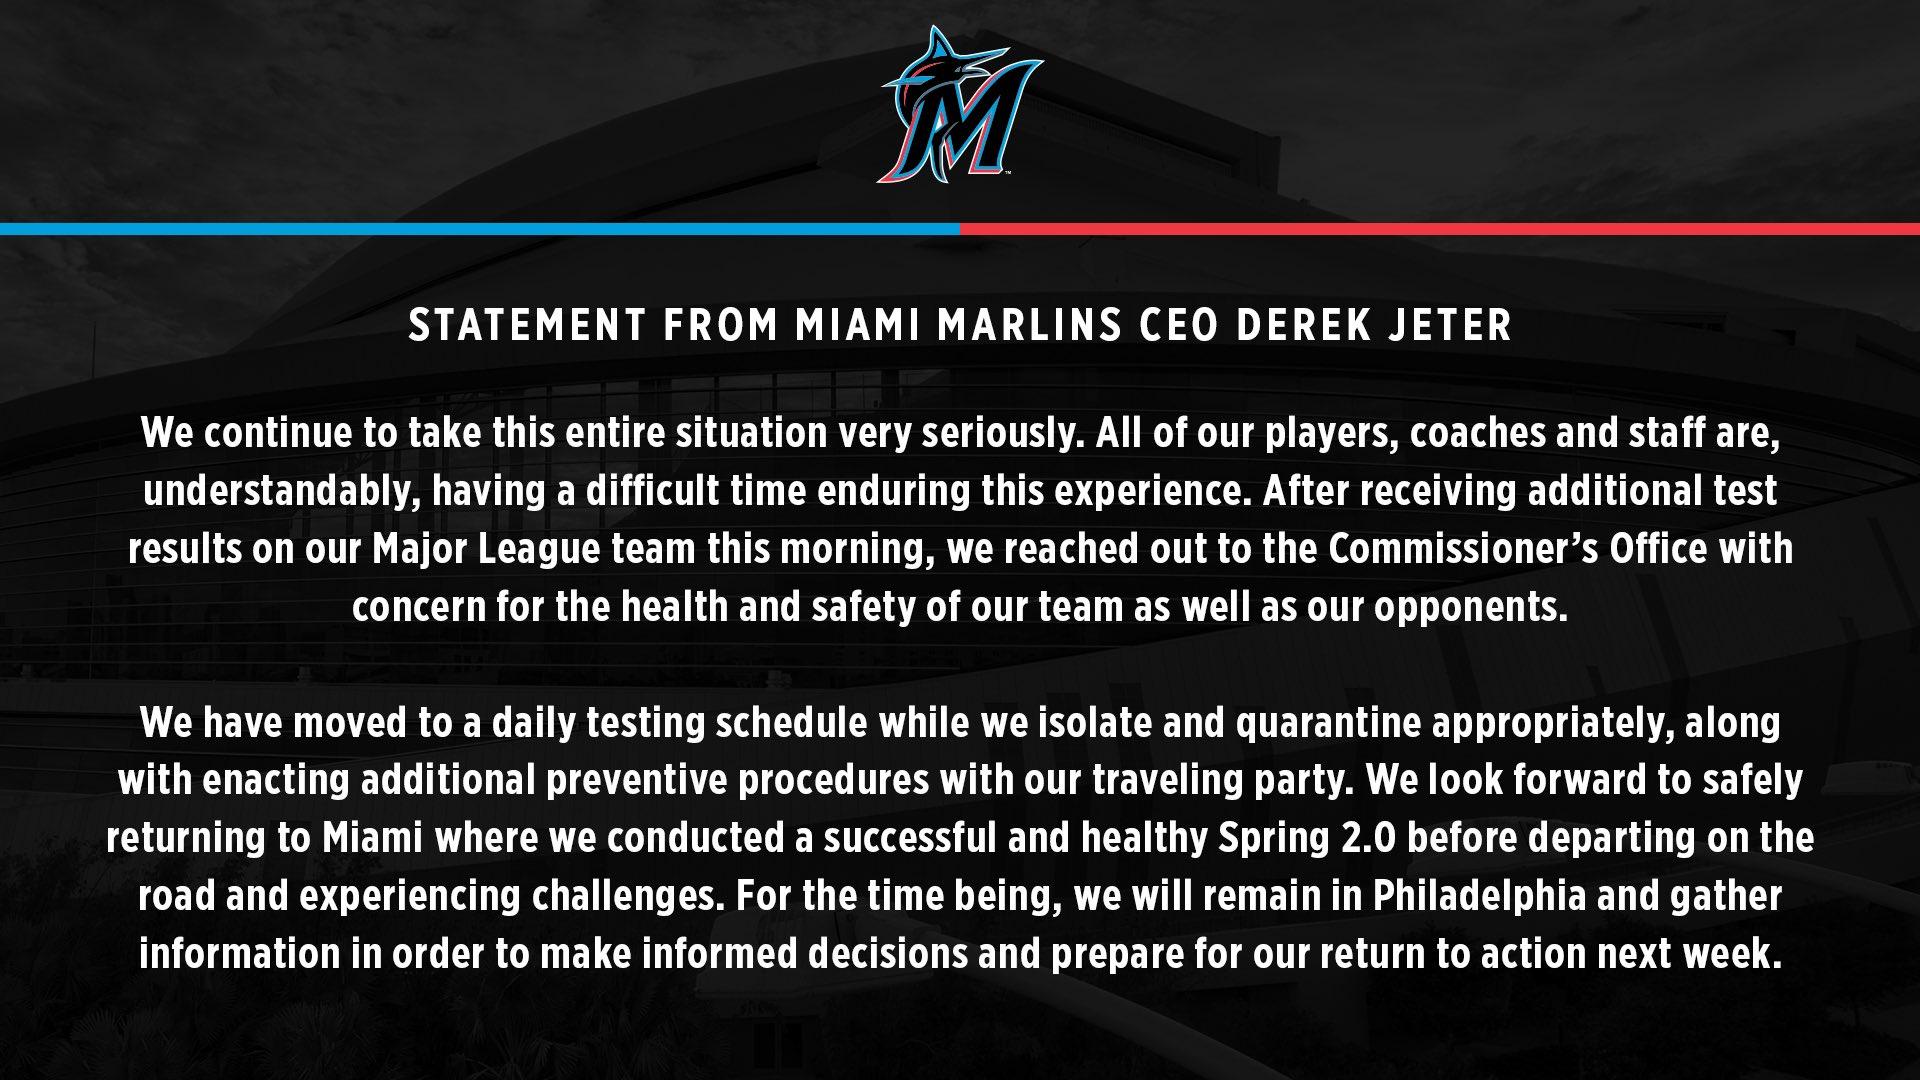 Declaración del CEO de los Miami Marlins, Derek Jeter.